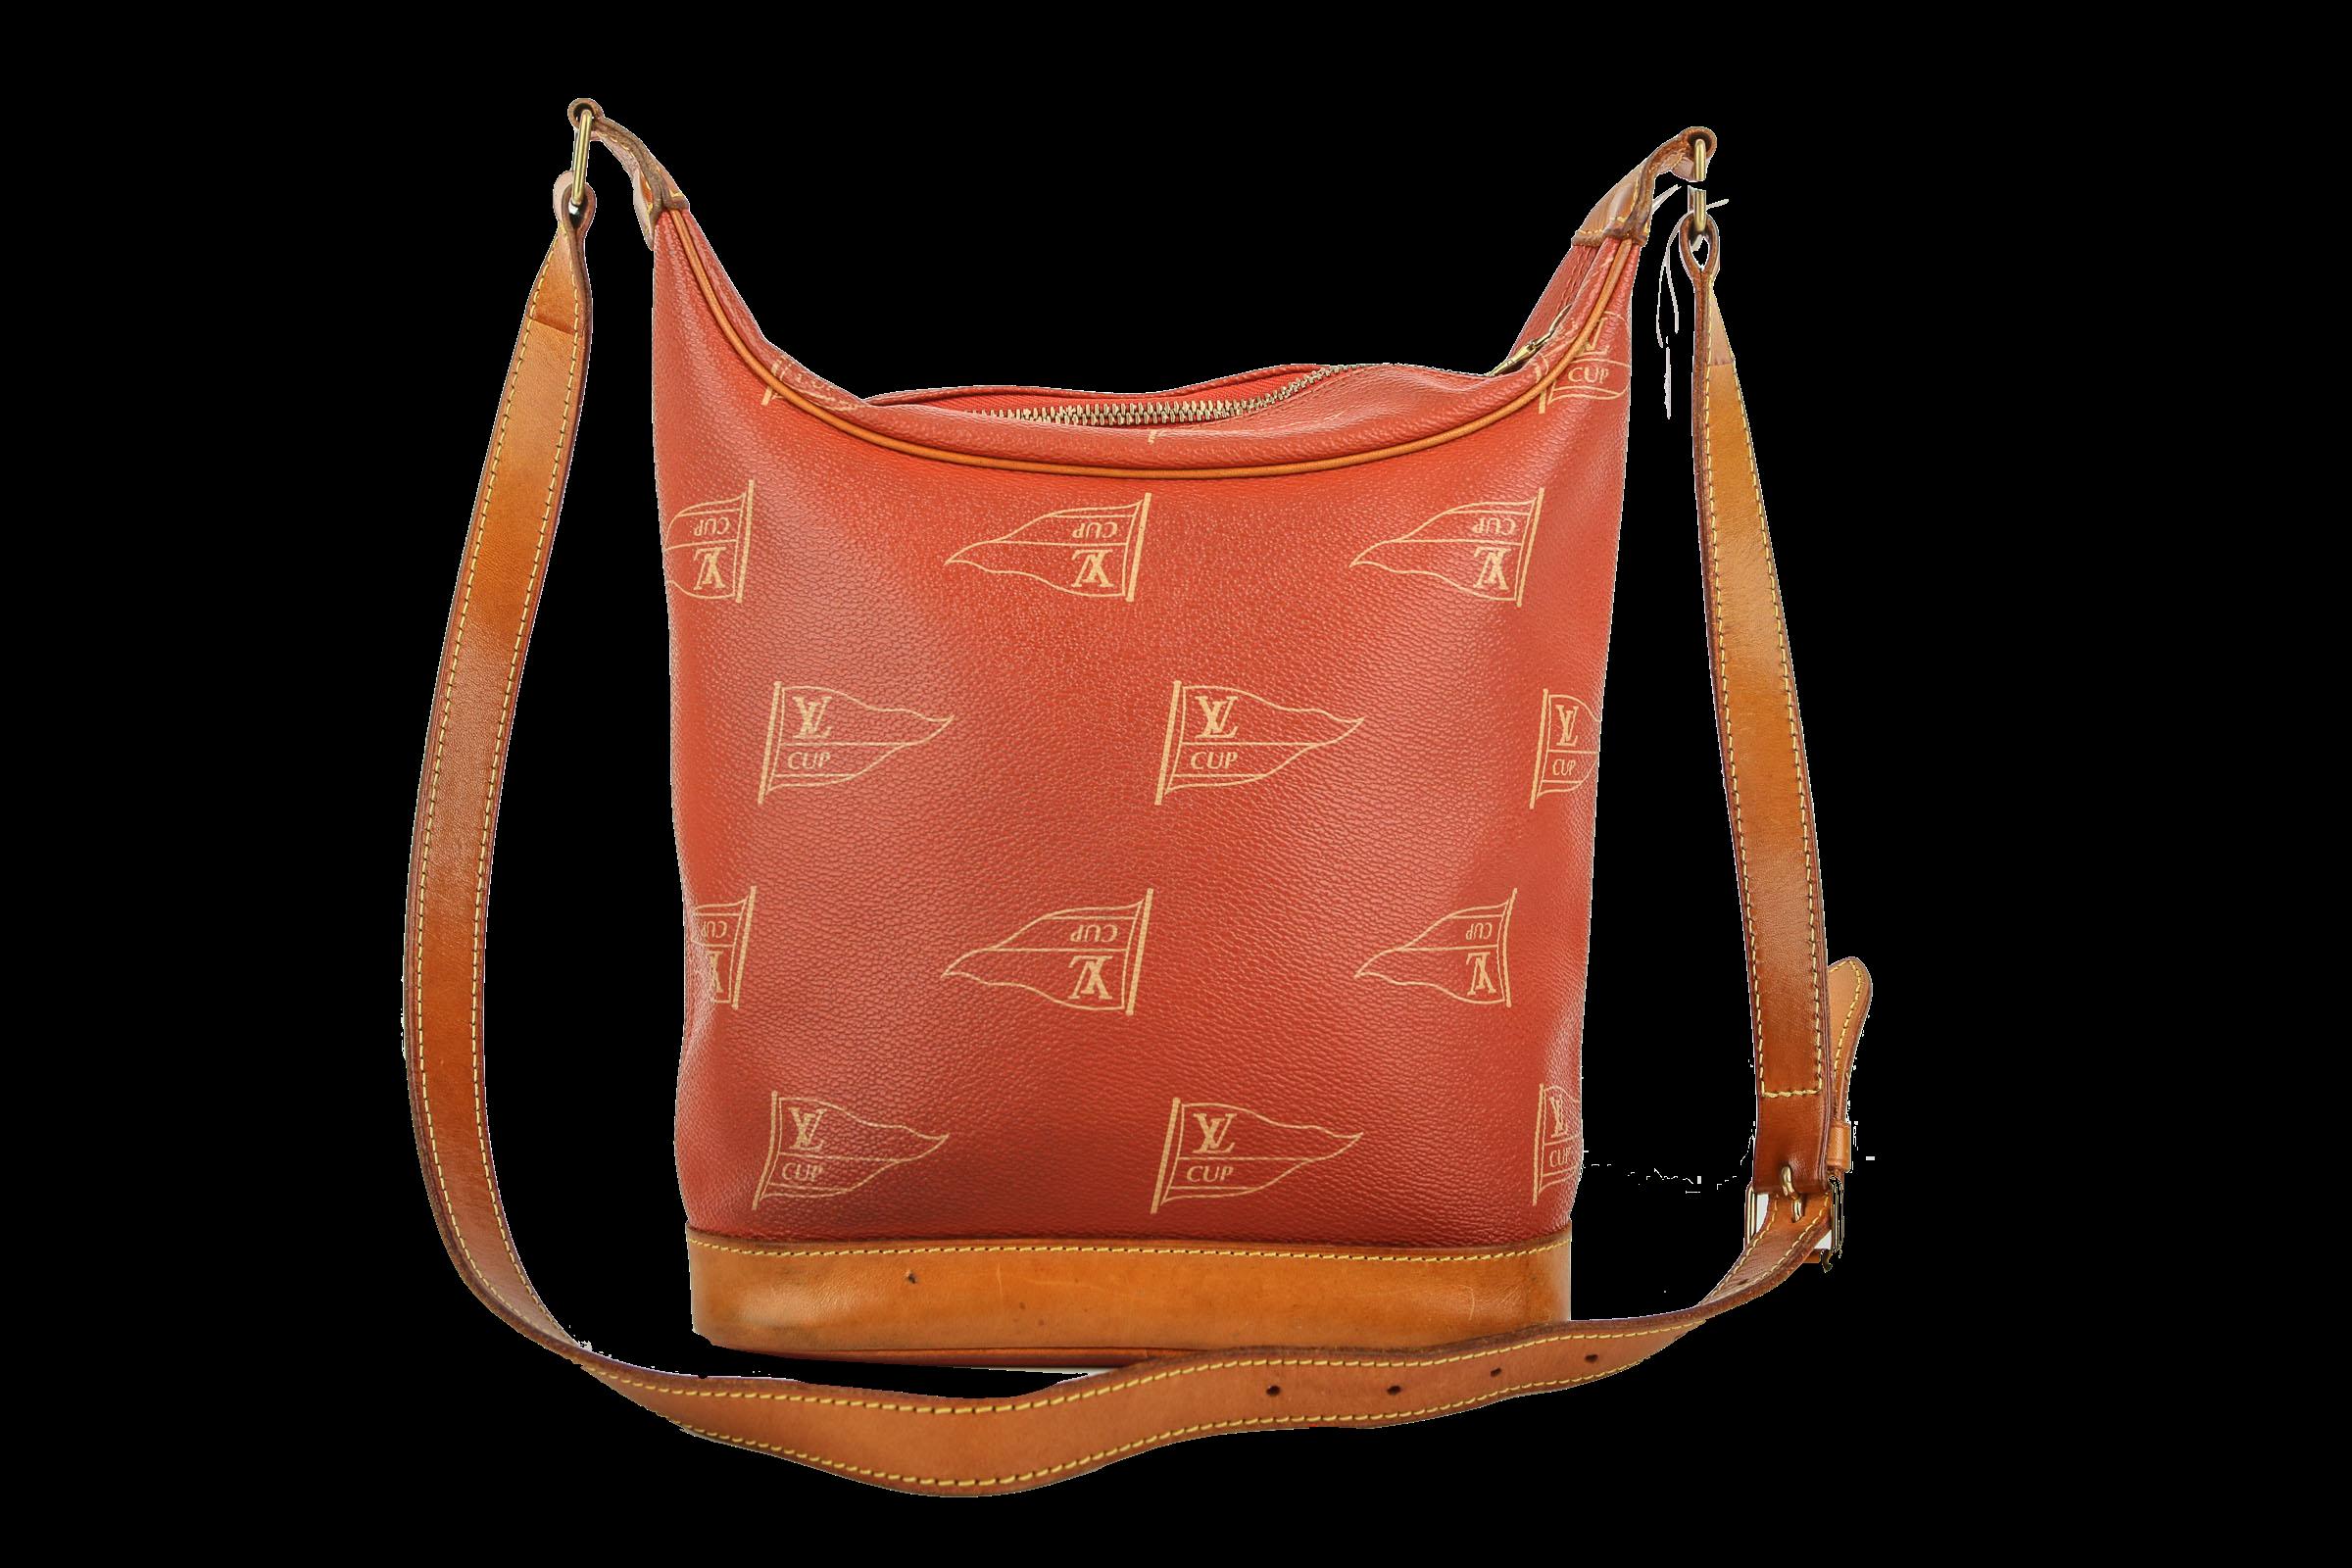 de18244f6aa86 Louis Vuitton Handtaschen   Accessoires